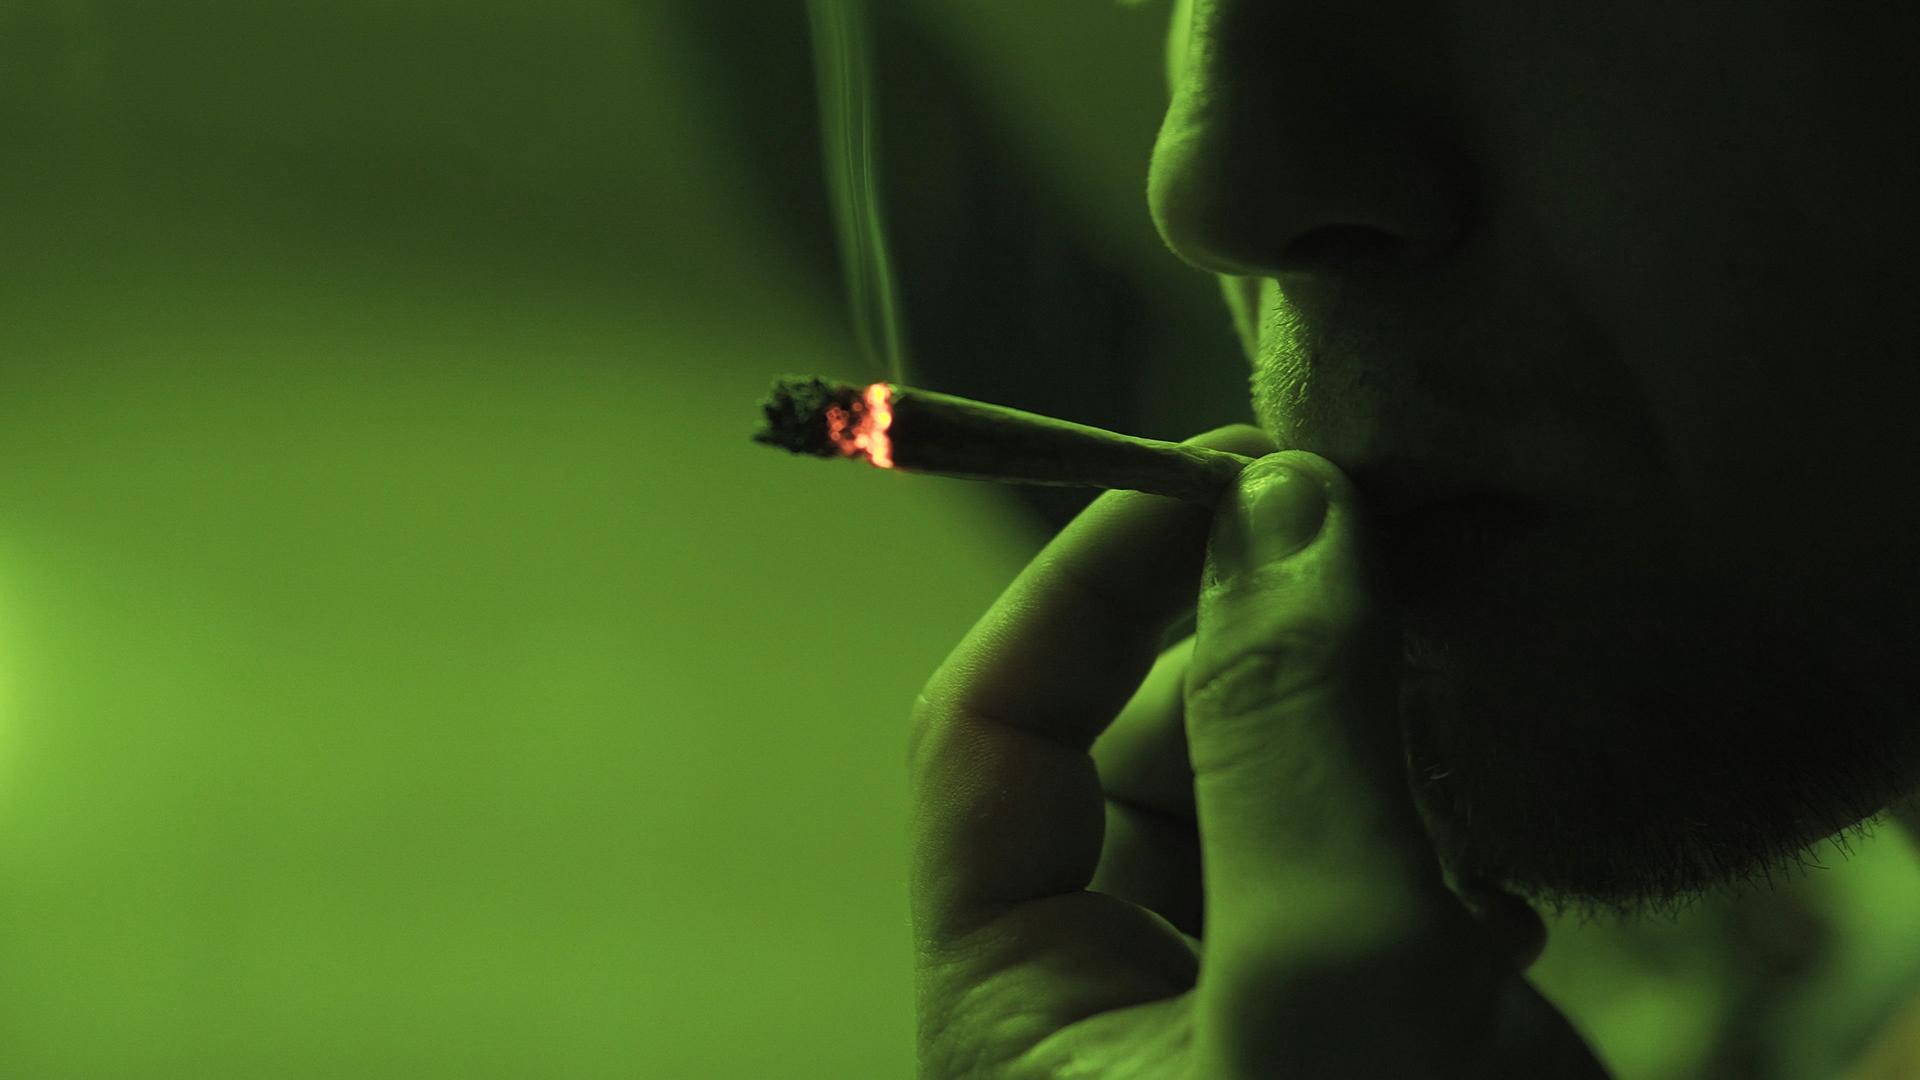 d551ddba822 Empiezas fumándote un canuto en el recreo del instituto por ver lo que se  siente. Luego acabas consumiendo porros cada tarde con los colegas.